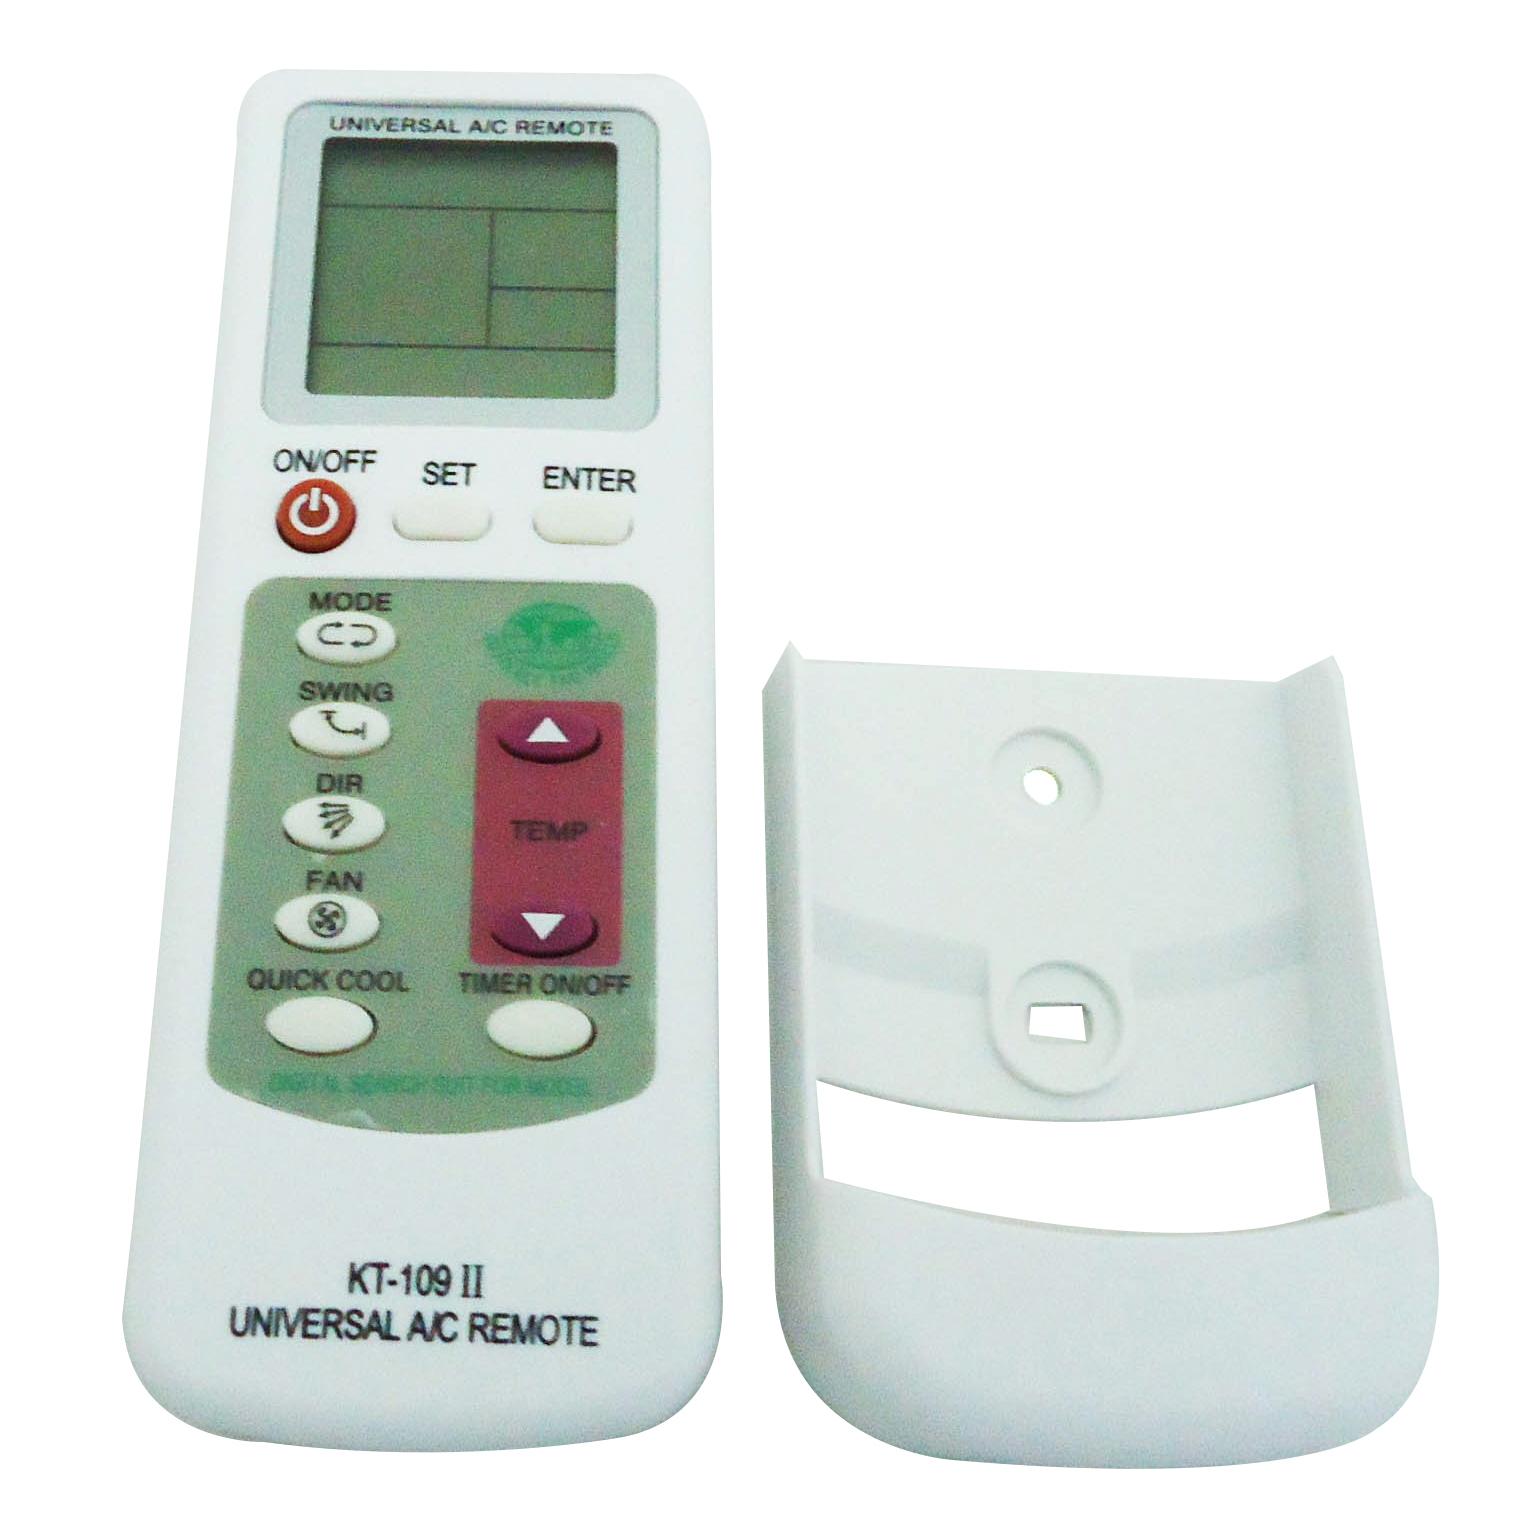 KT109 Τηλεχειριστήρια Κλιματιστικών Air Condition κλιματισμός    ανταλλακτικά   εξαρτήματα κλιματιστικών a c  κλιματισμός    ανταλ